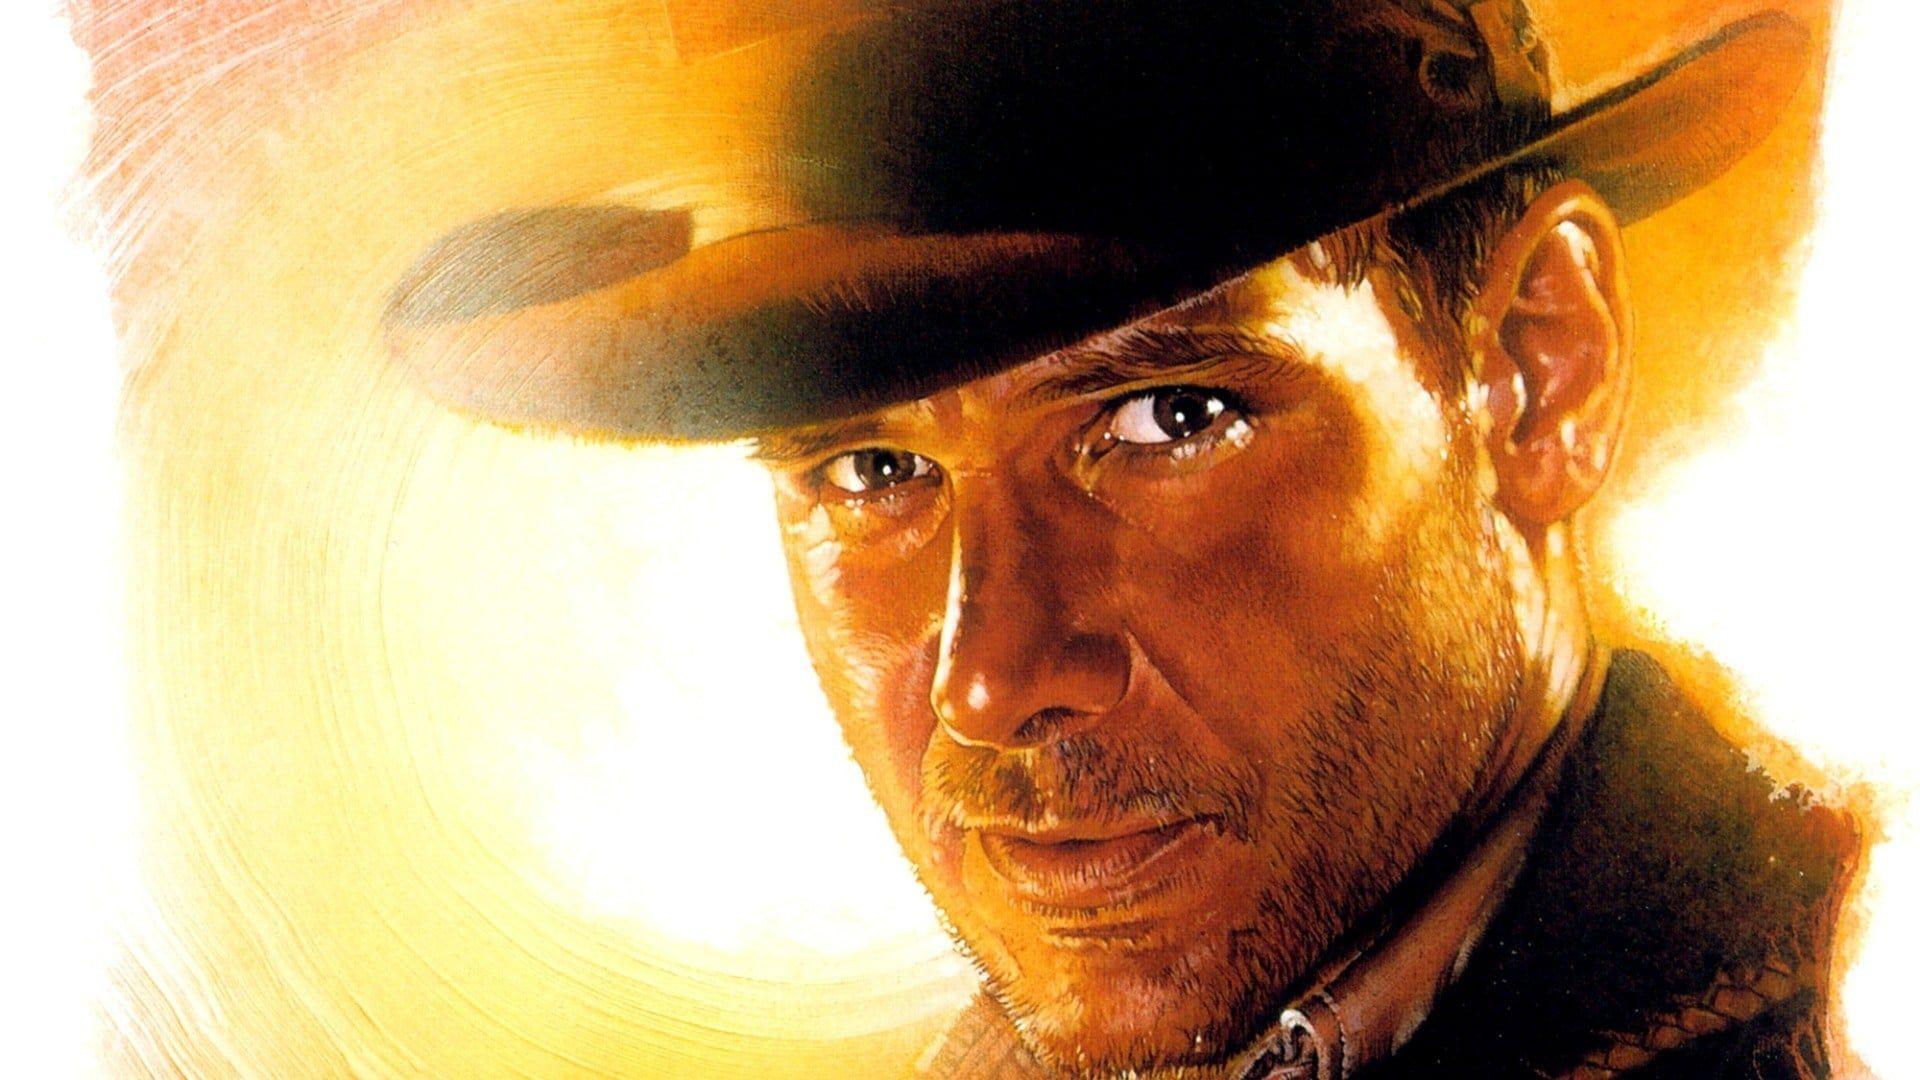 Indiana Jones Und Der Letzte Kreuzzug 1989 Ganzer Film Deutsch Komplett Kino Wir Schreiben Das Jahr 1938 Do Indiana Jones Films Indiana Jones Steven Spielberg